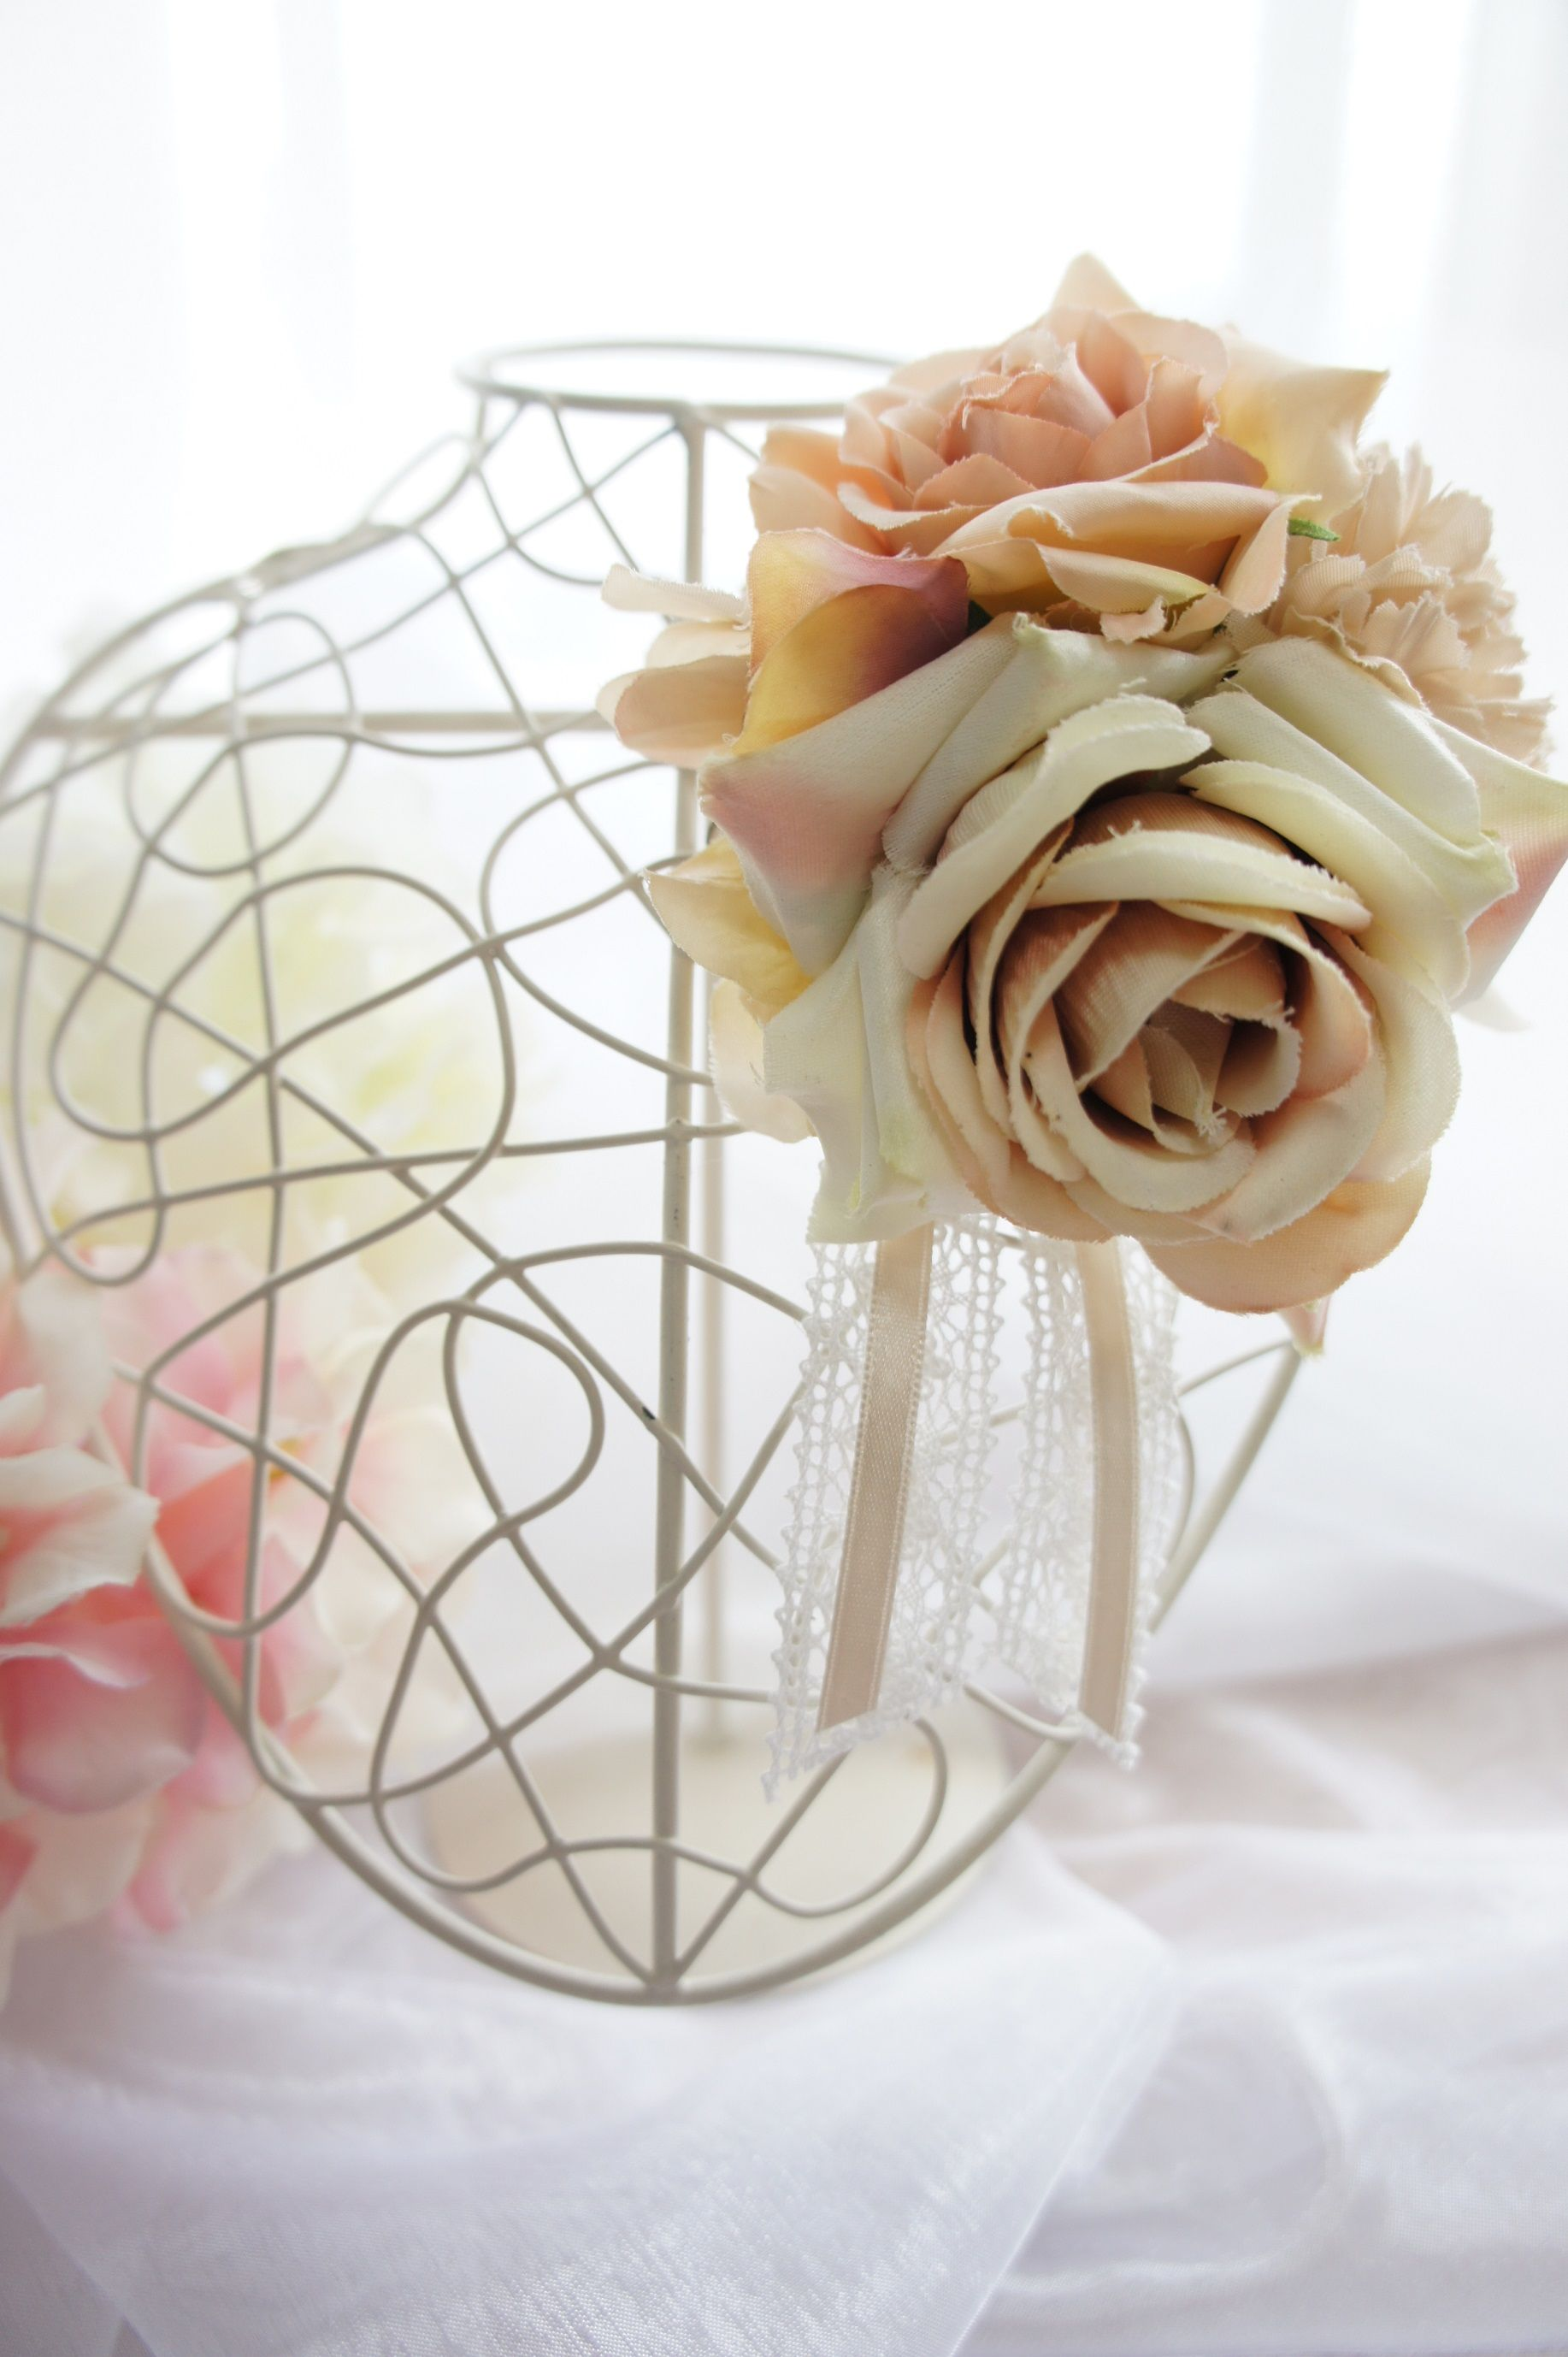 エクリュカラーでオシャレ女子に♪ローズと紫陽花のブーケ風コサージュ